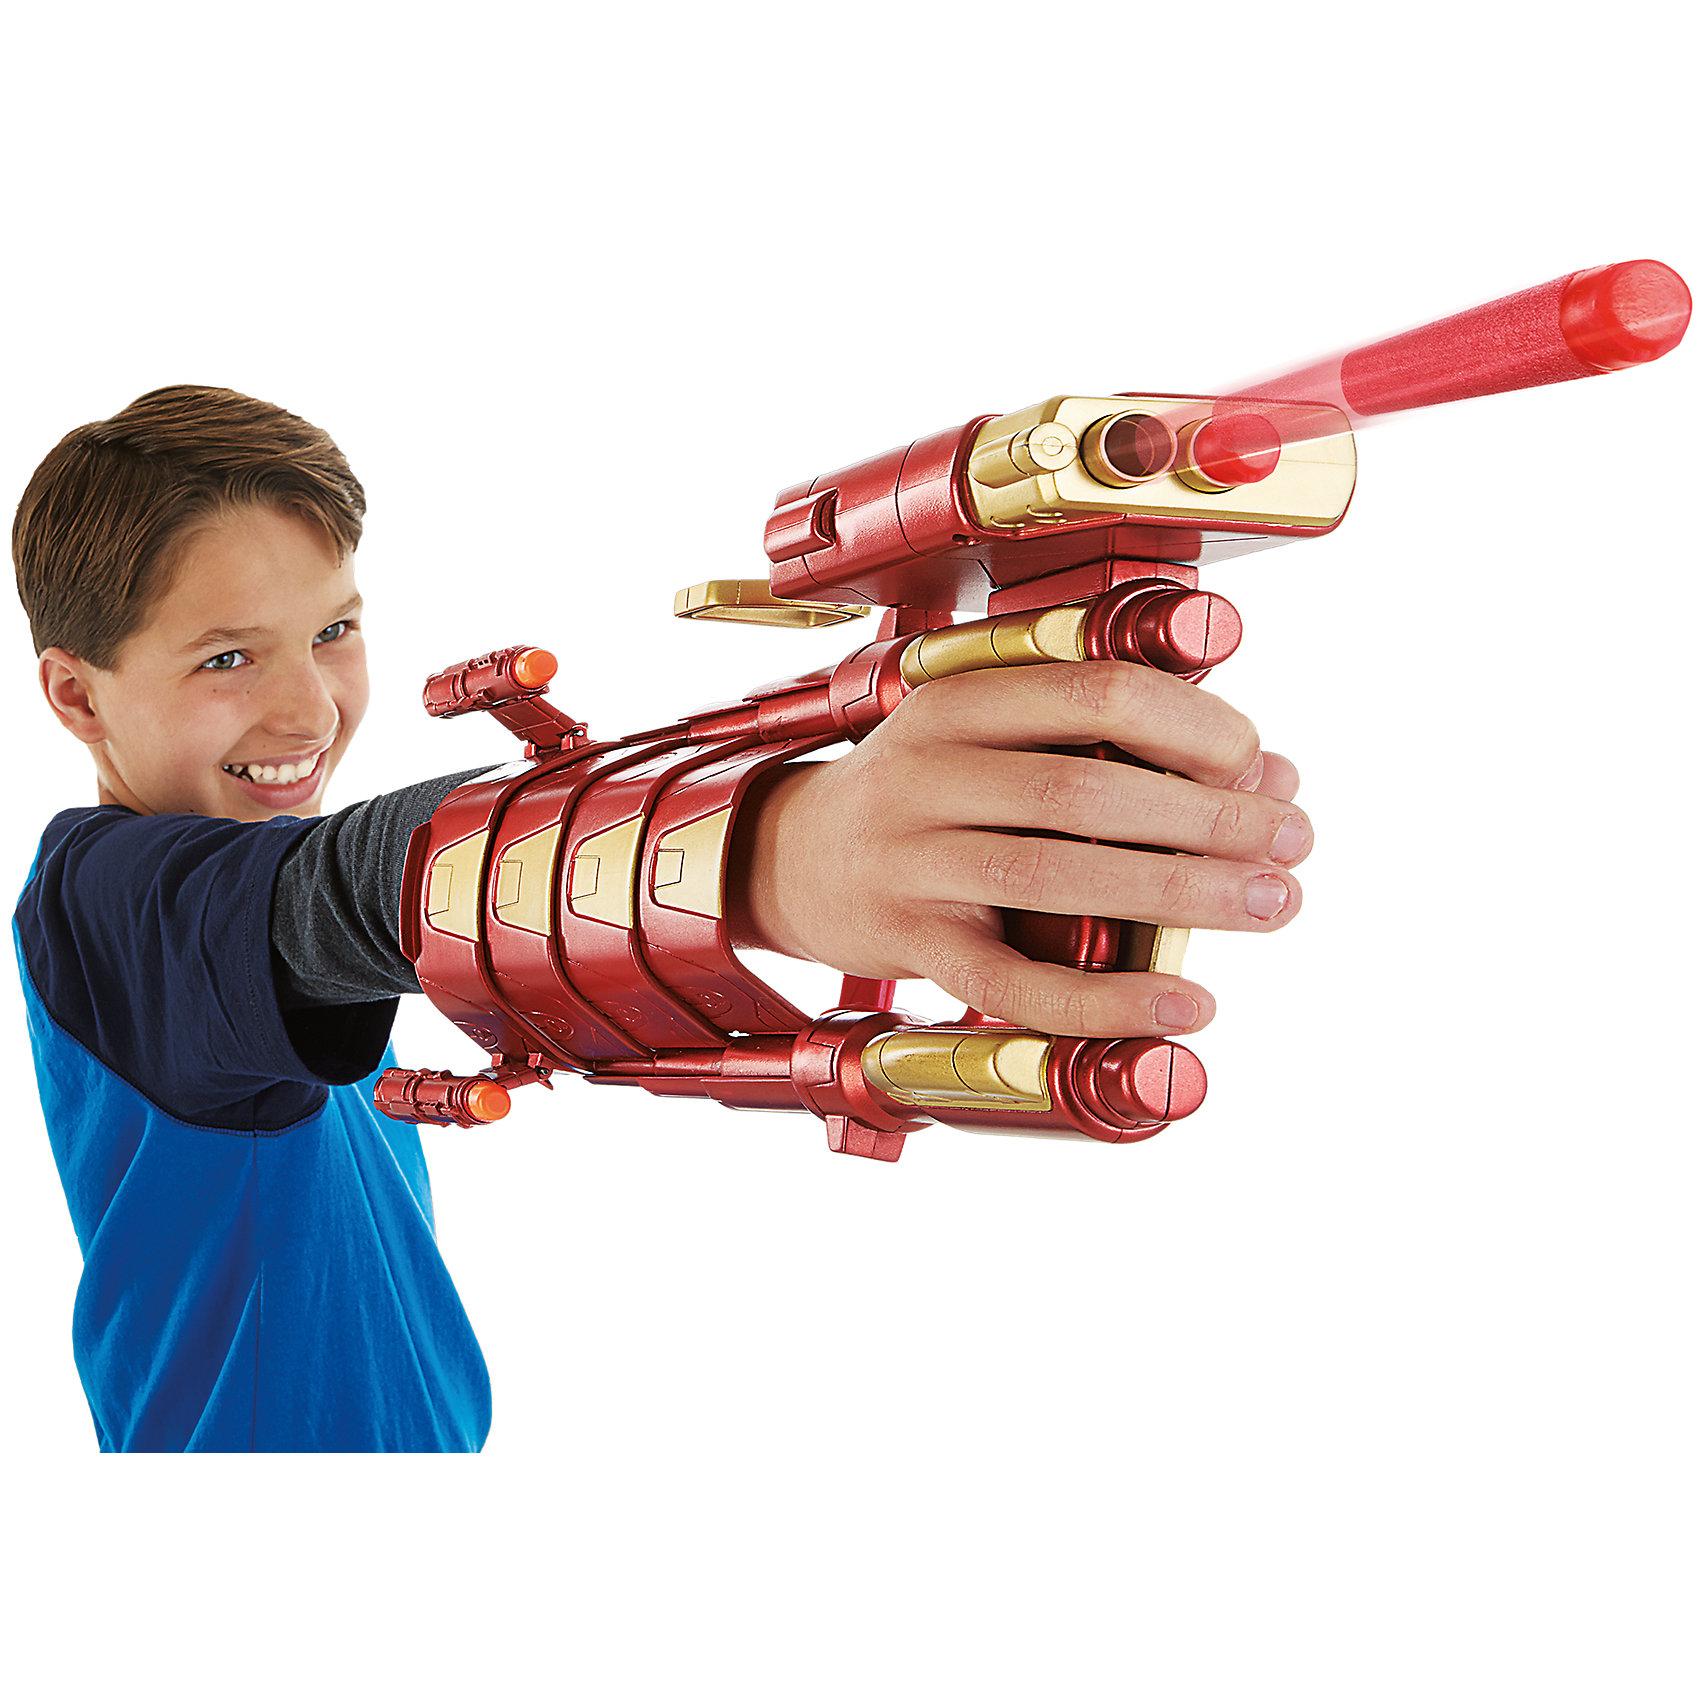 Боевая броня Железного ЧеловекаИгрушки<br>Боевая броня Железного Человека.<br><br>Характеристики:<br><br>- В комплекте: боевая броня, 2 стрелы Nerf<br>- Материал: пластик<br>- Цвет: красный, золотистый<br>- Размер упаковки: 31,8х8.3х21,6 см.<br><br>Боевая броня Железного Человека - игрушка, созданная по мотивам фильма Первый мститель. Противостояние. С ней мальчик сможет почувствовать себя настоящим супергероем, знаменитым Тони Старком и вступить в бой с силами зла, защищая невинных! Броня удобно крепится на руке и стреляет стрелами Nerf. На ручке захвата располагаются два спусковых крючка. Верхний - для стрельбы, нижний раздвигает броню по руке прямо, как у Железного Человека. Броня выполнена из прочного пластика высокого качества в красном цвете с использованием золотистых элементов и выглядит очень эффектно. Ее очень просто удобно перезаряжать, что позволит не отвлекаться от перестрелки. Мягкие стрелы Nerf исключают возможность травмирования.<br><br>Набор «Боевая броня Железного Человека» можно купить в нашем интернет-магазине.<br><br>Ширина мм: 319<br>Глубина мм: 218<br>Высота мм: 86<br>Вес г: 472<br>Возраст от месяцев: 72<br>Возраст до месяцев: 120<br>Пол: Мужской<br>Возраст: Детский<br>SKU: 4326305